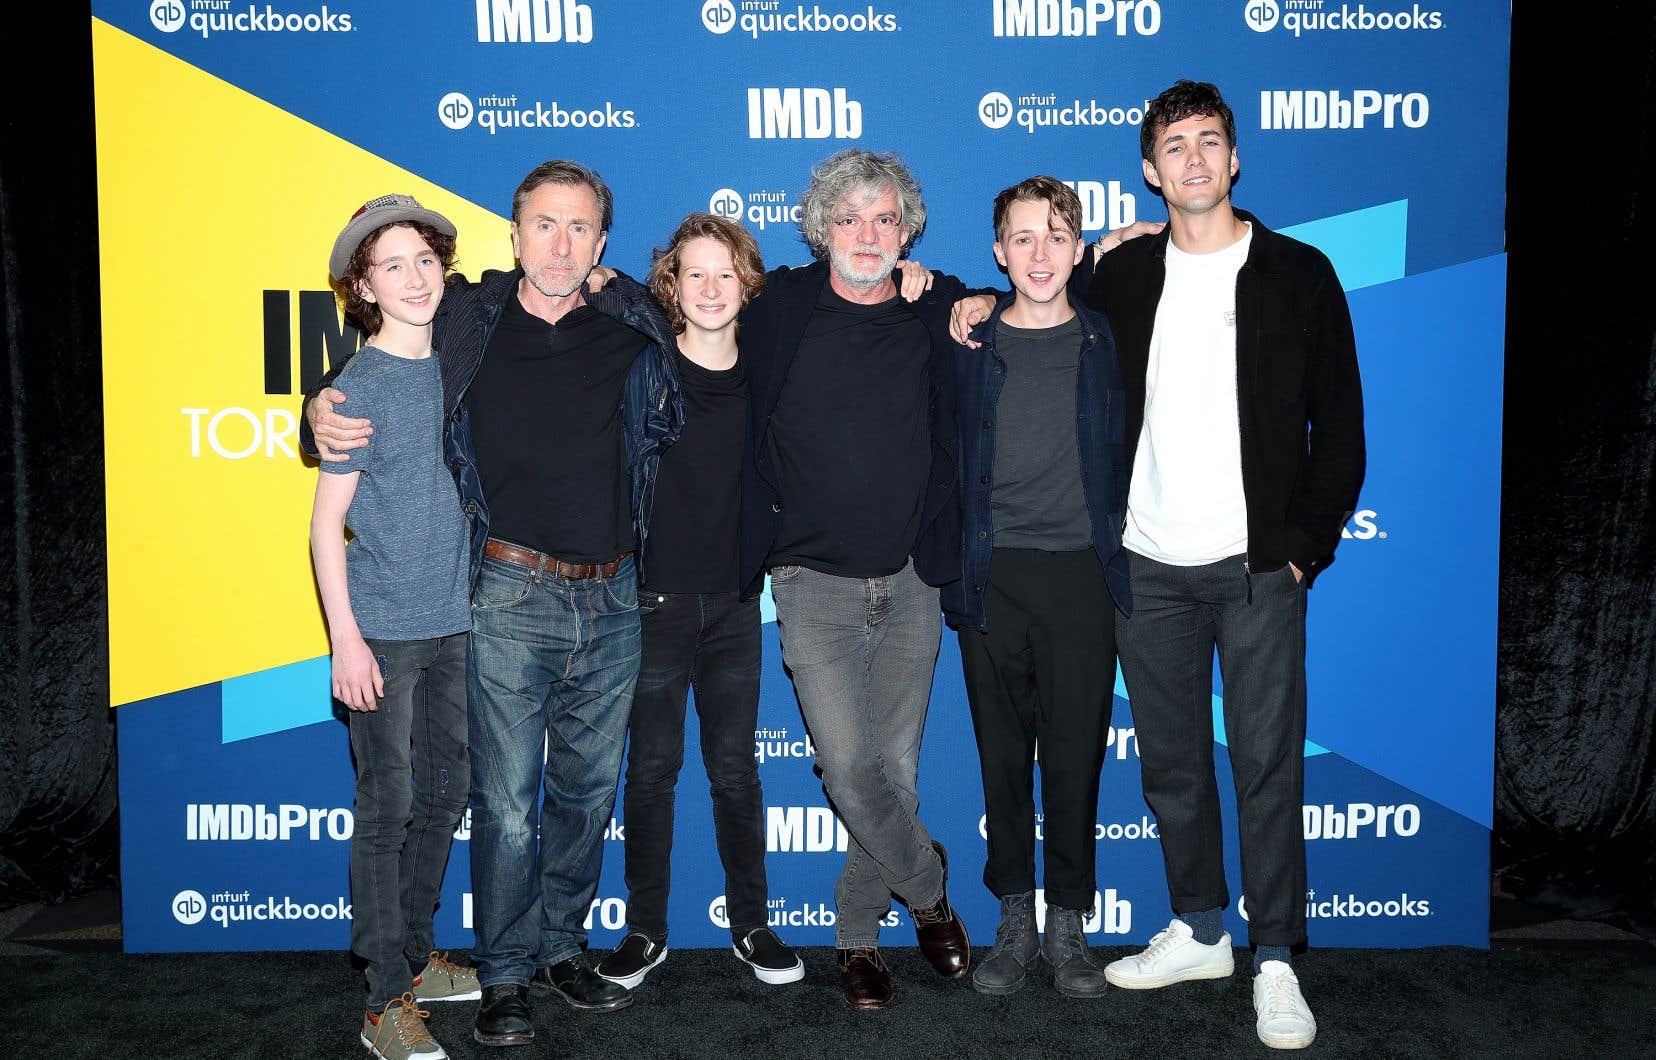 Le cinéaste François Girard (4e à partir de la gauche) considère «The Song of Names» comme son plus grand film d'acteurs. Il pose en compagnie d'une partie de la distribution à Toronto : Luke Doyle, Tim Roth, Misha Handley, Gerran Howell et Jonah Hauer-King.